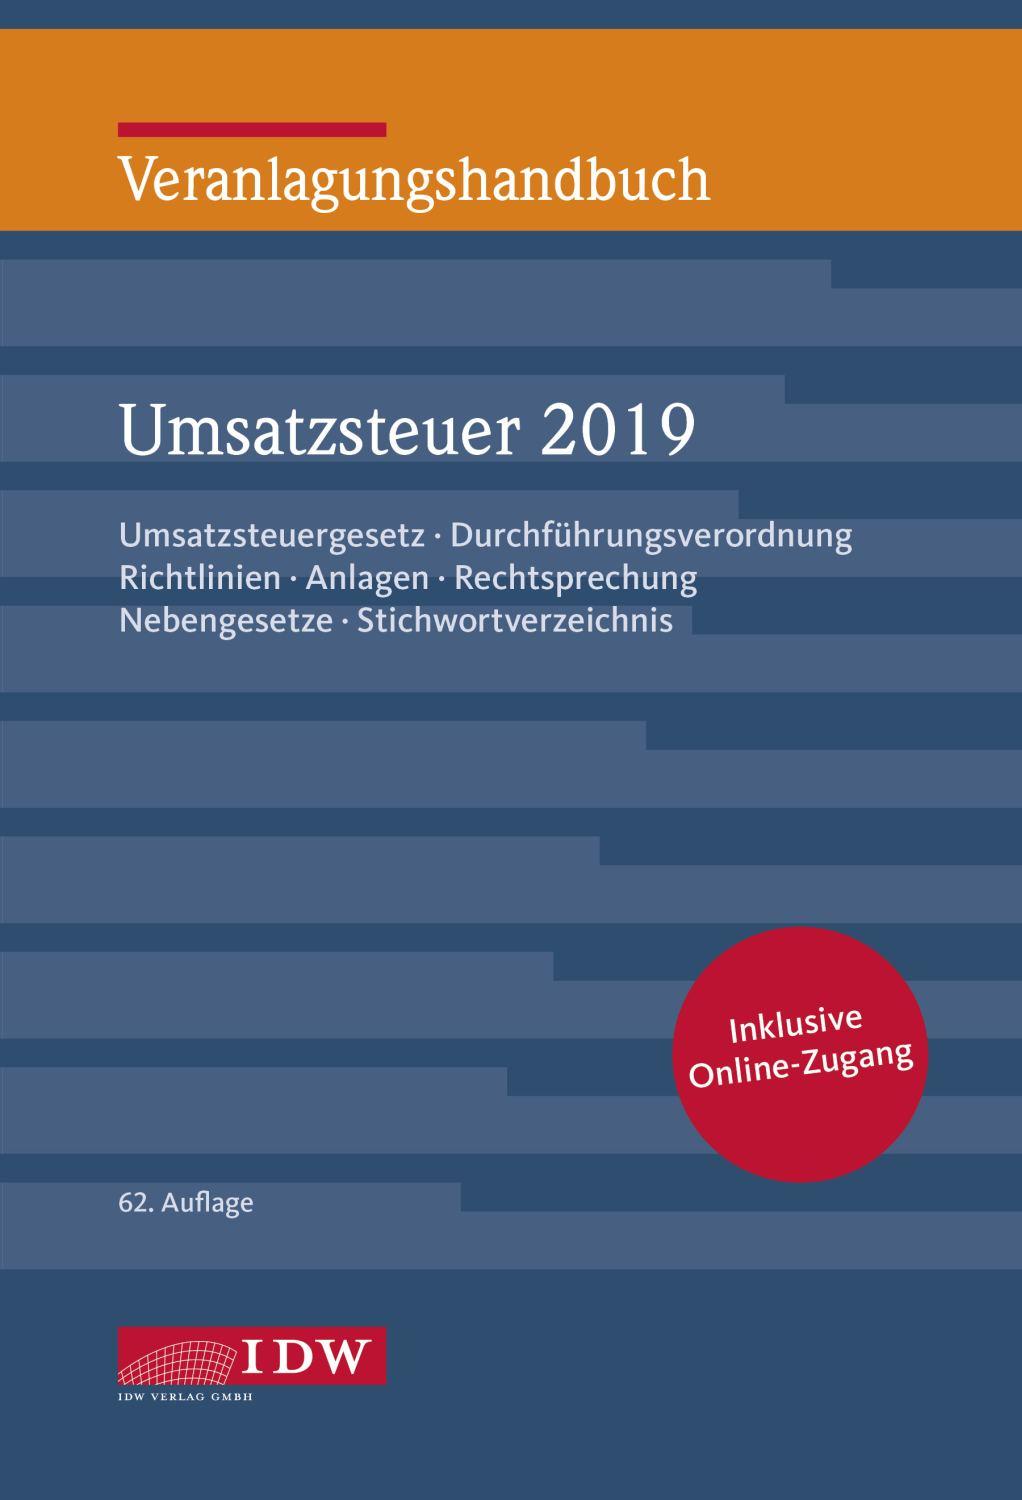 Veranlagungshandbuch Umsatzsteuer 2019